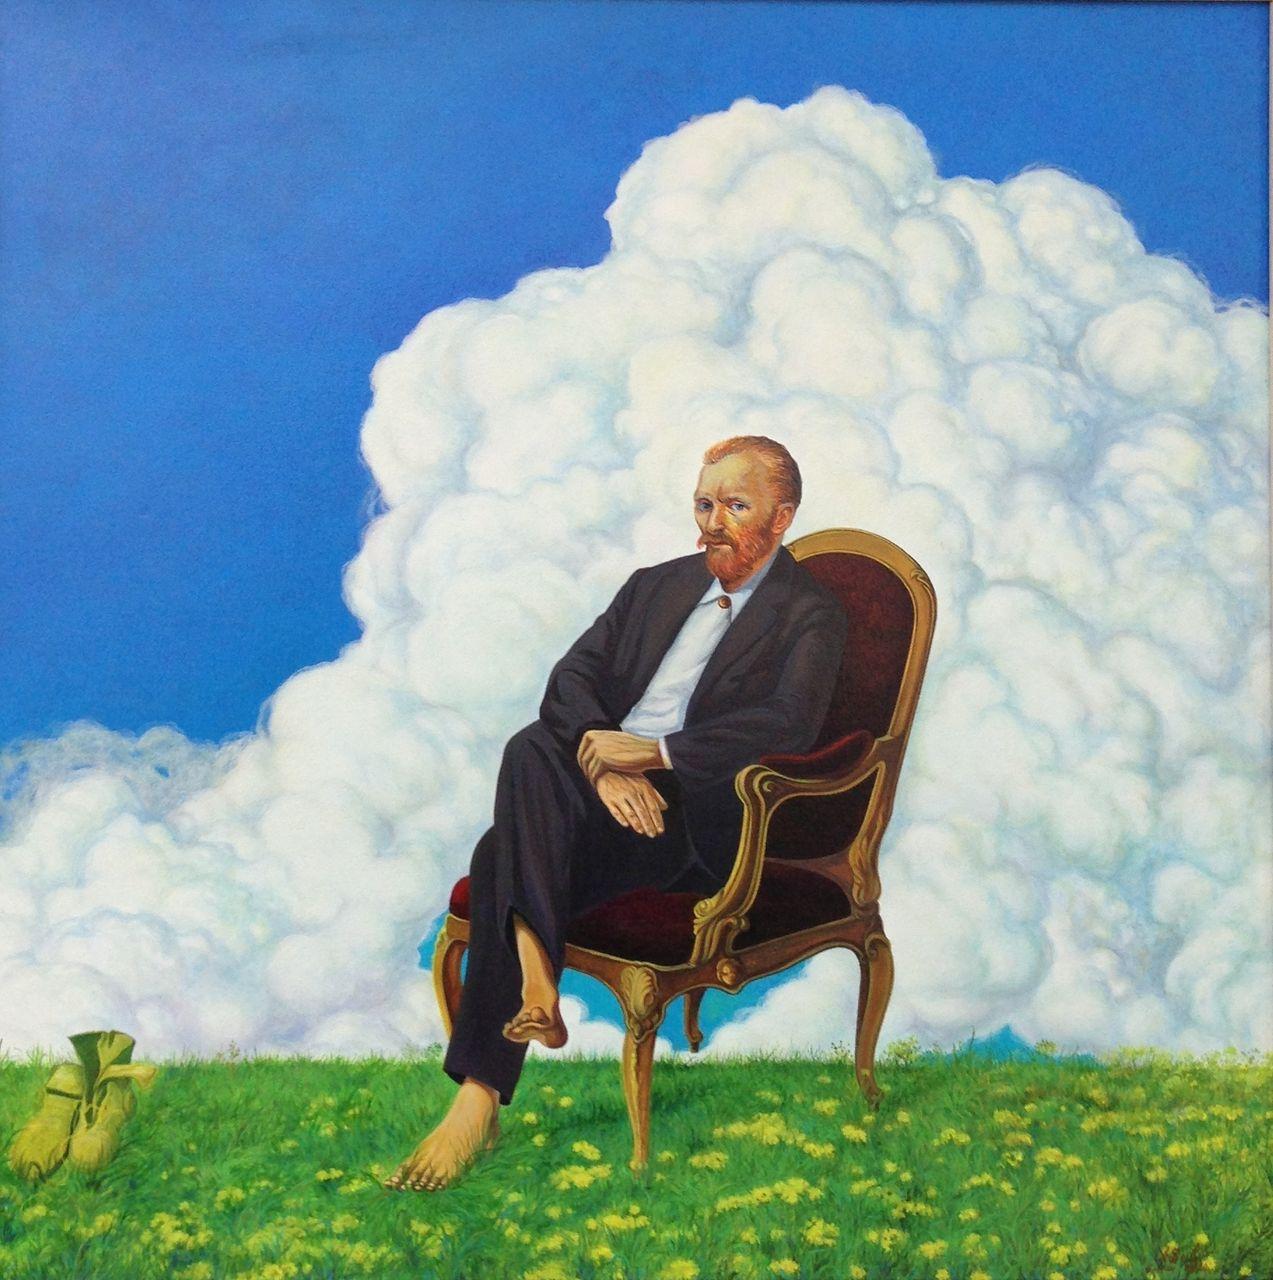 Bild Van Gogh Malerei Menschen Gogh Von Alexander Seib